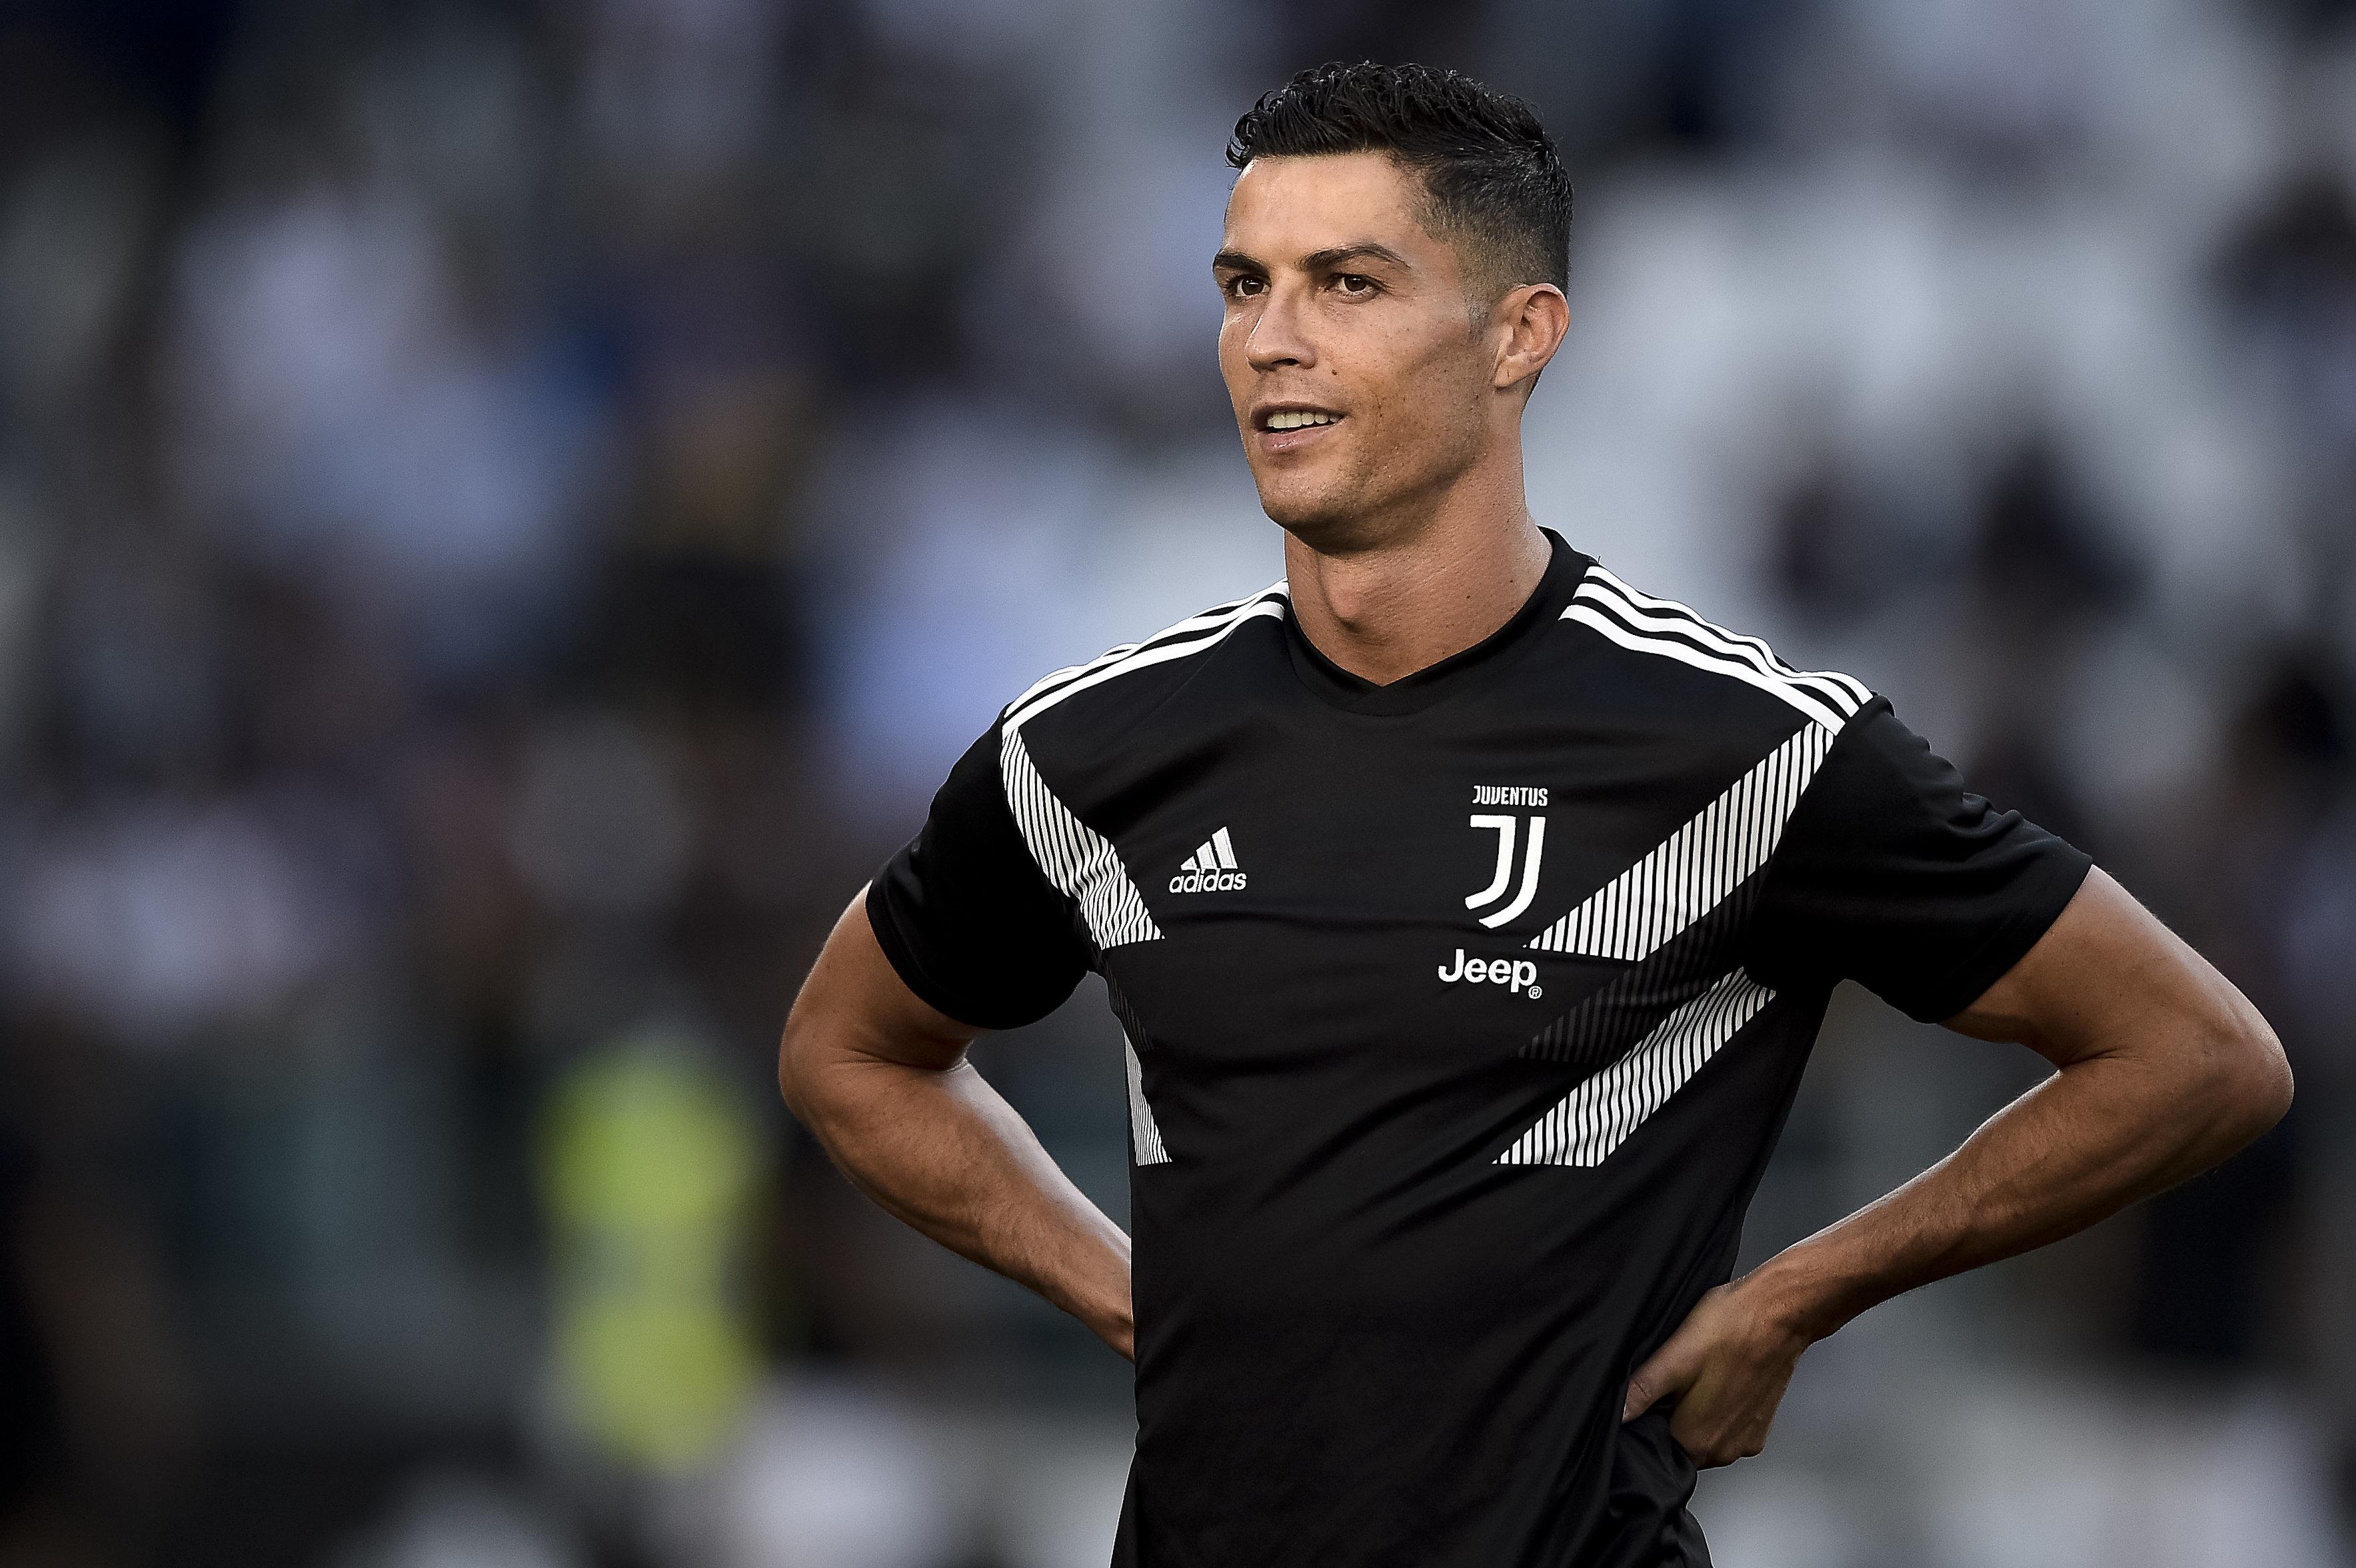 Soccer Star Cristiano Ronaldo Calls Rape Allegation 'Fake